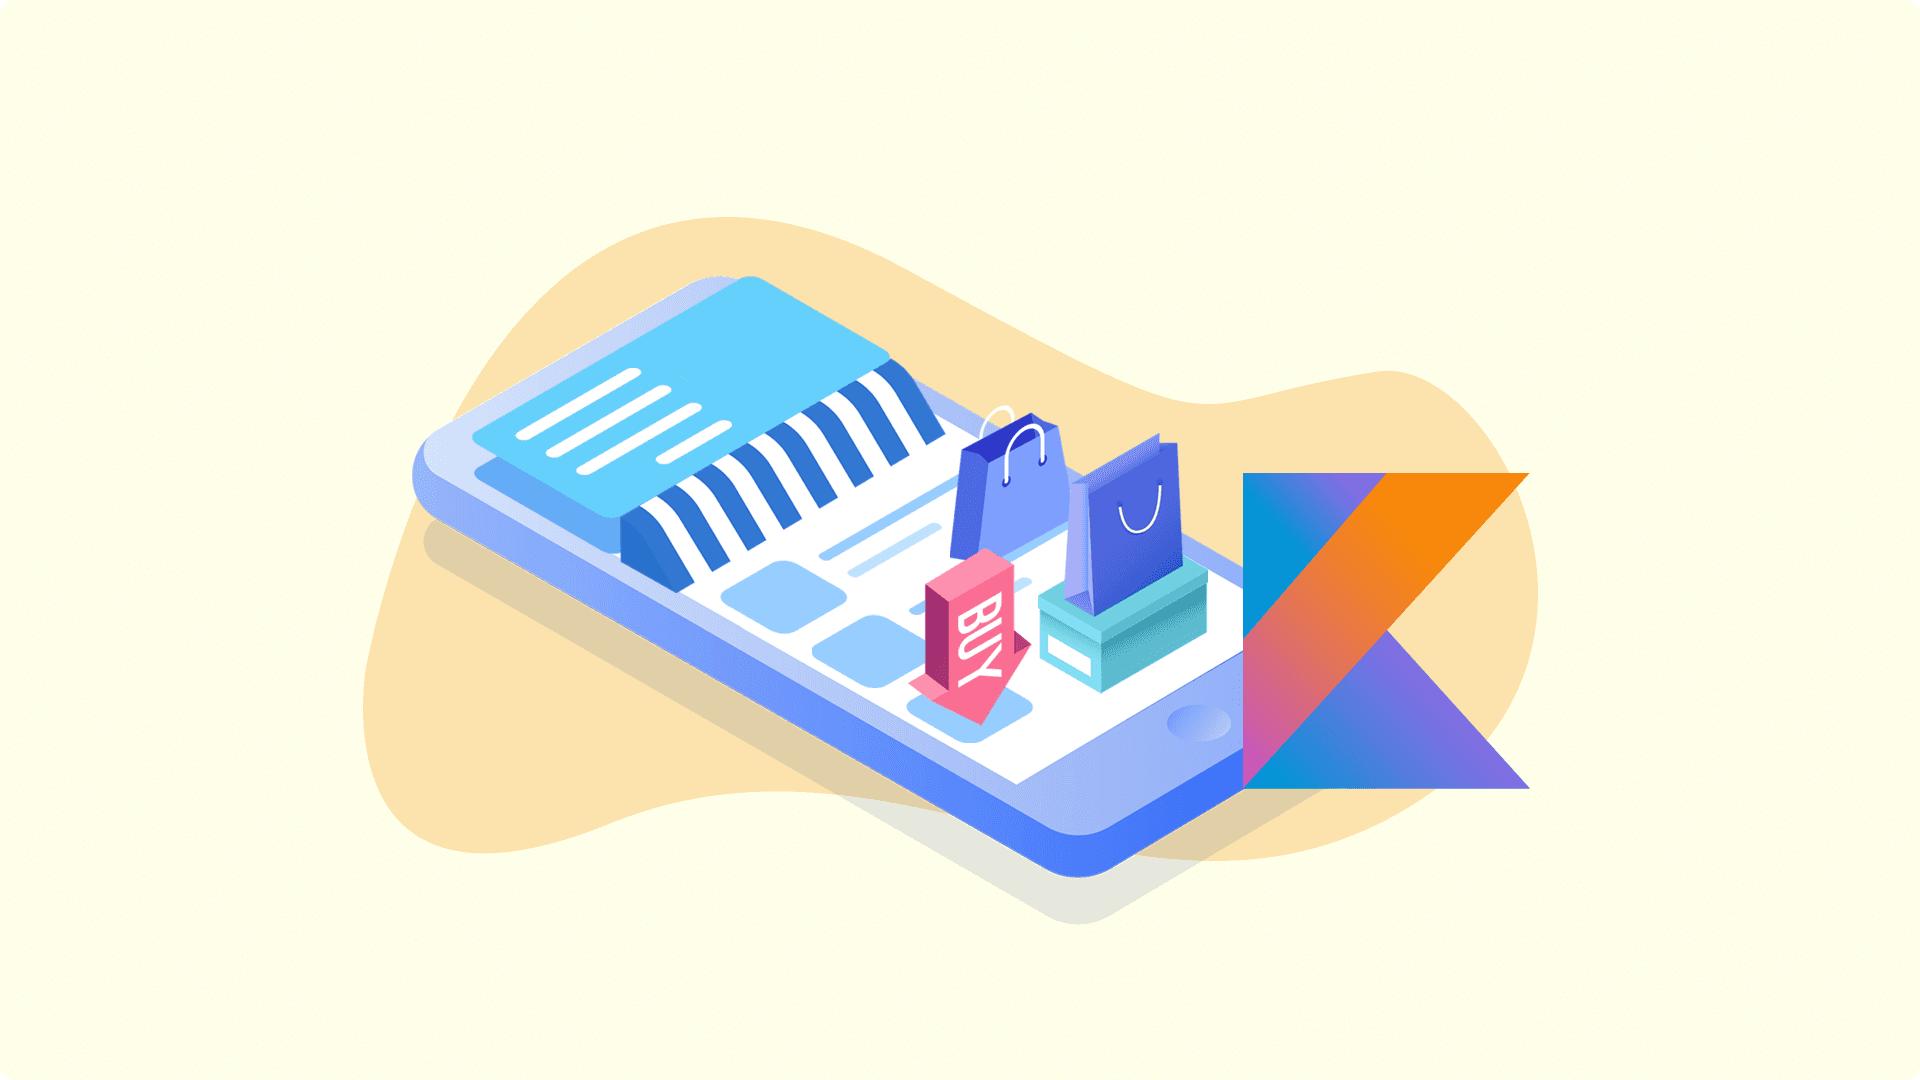 آموزش پروژه محور کاتلین در قالب پیاده سازی نرم افزار فروشگاهی با MVP